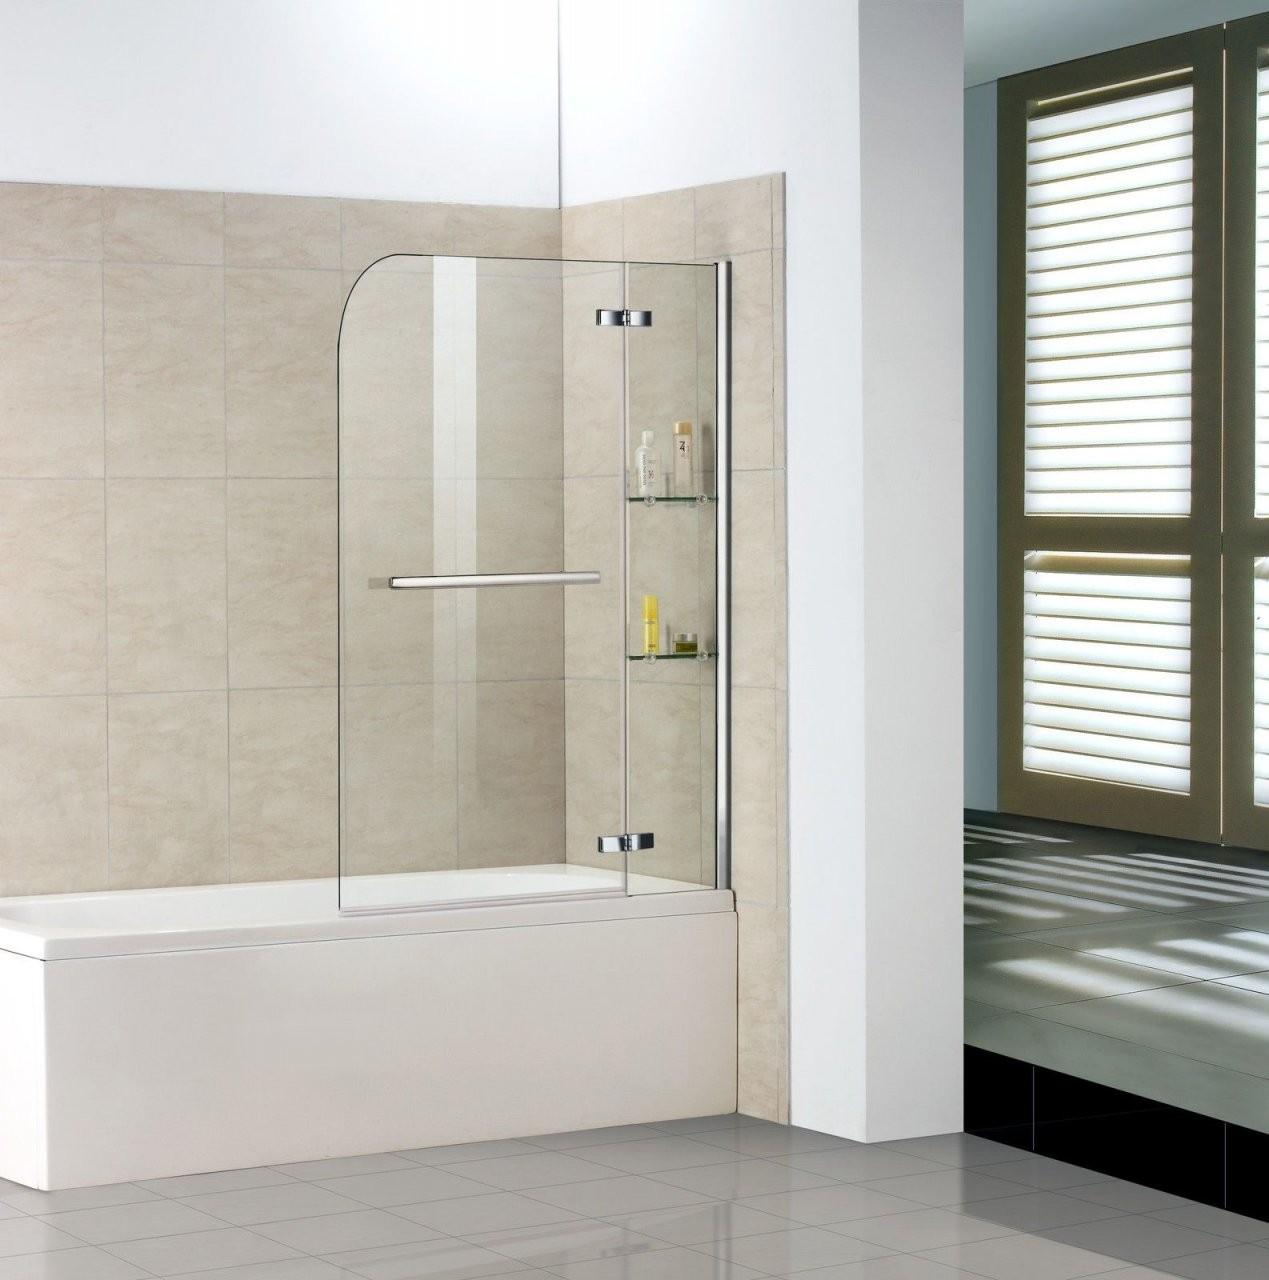 Duschabtrennung Für Badewanne Selber Bauen  Badezimmer Kreativ von Duschwand Glas Für Badewanne Bild